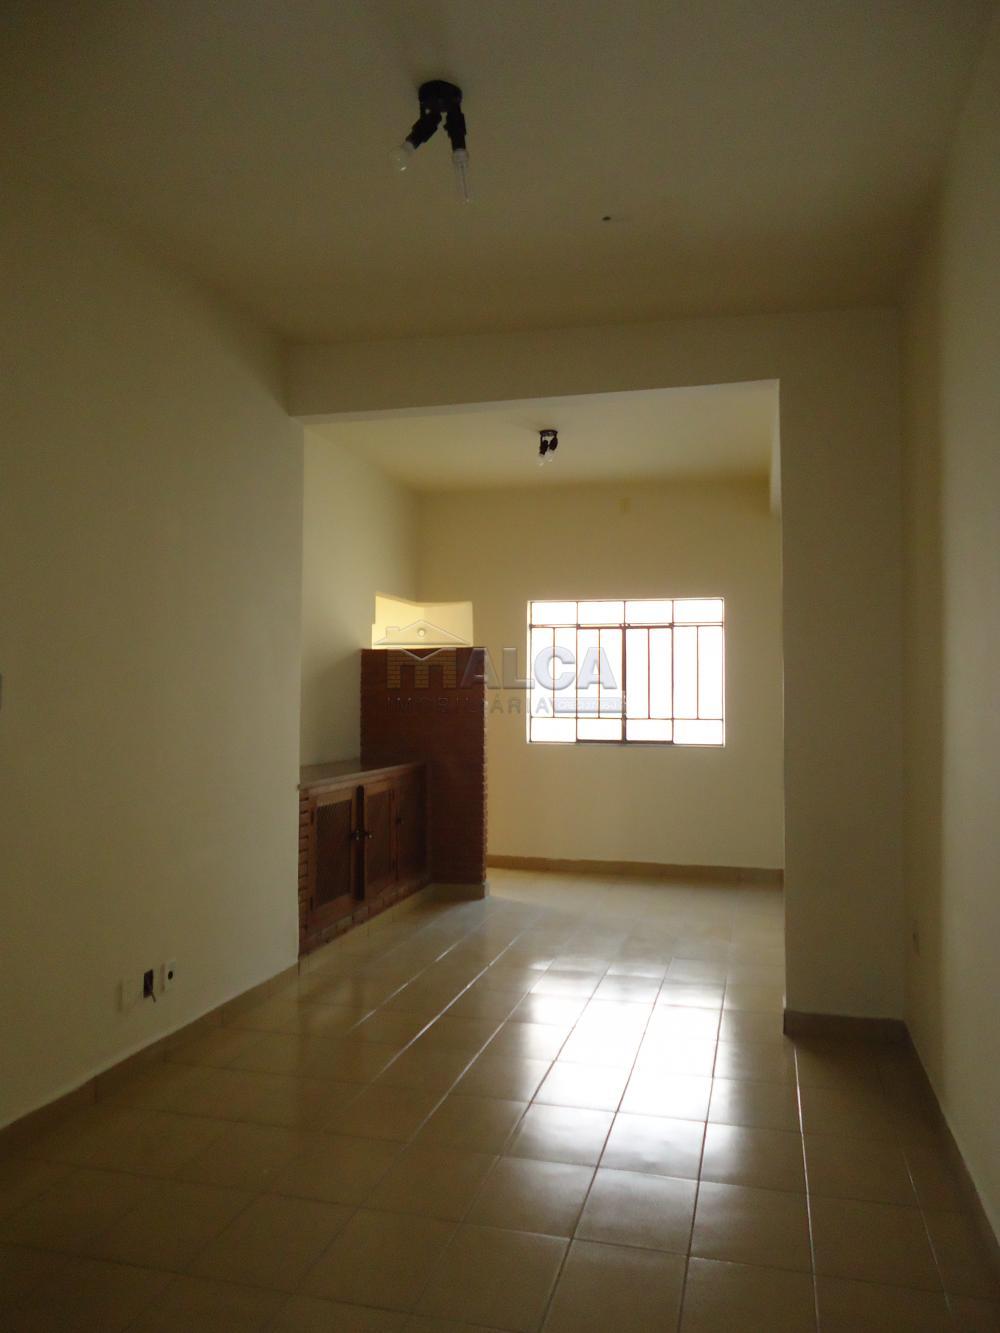 Alugar Casas / Padrão em São José do Rio Pardo R$ 2.000,00 - Foto 14